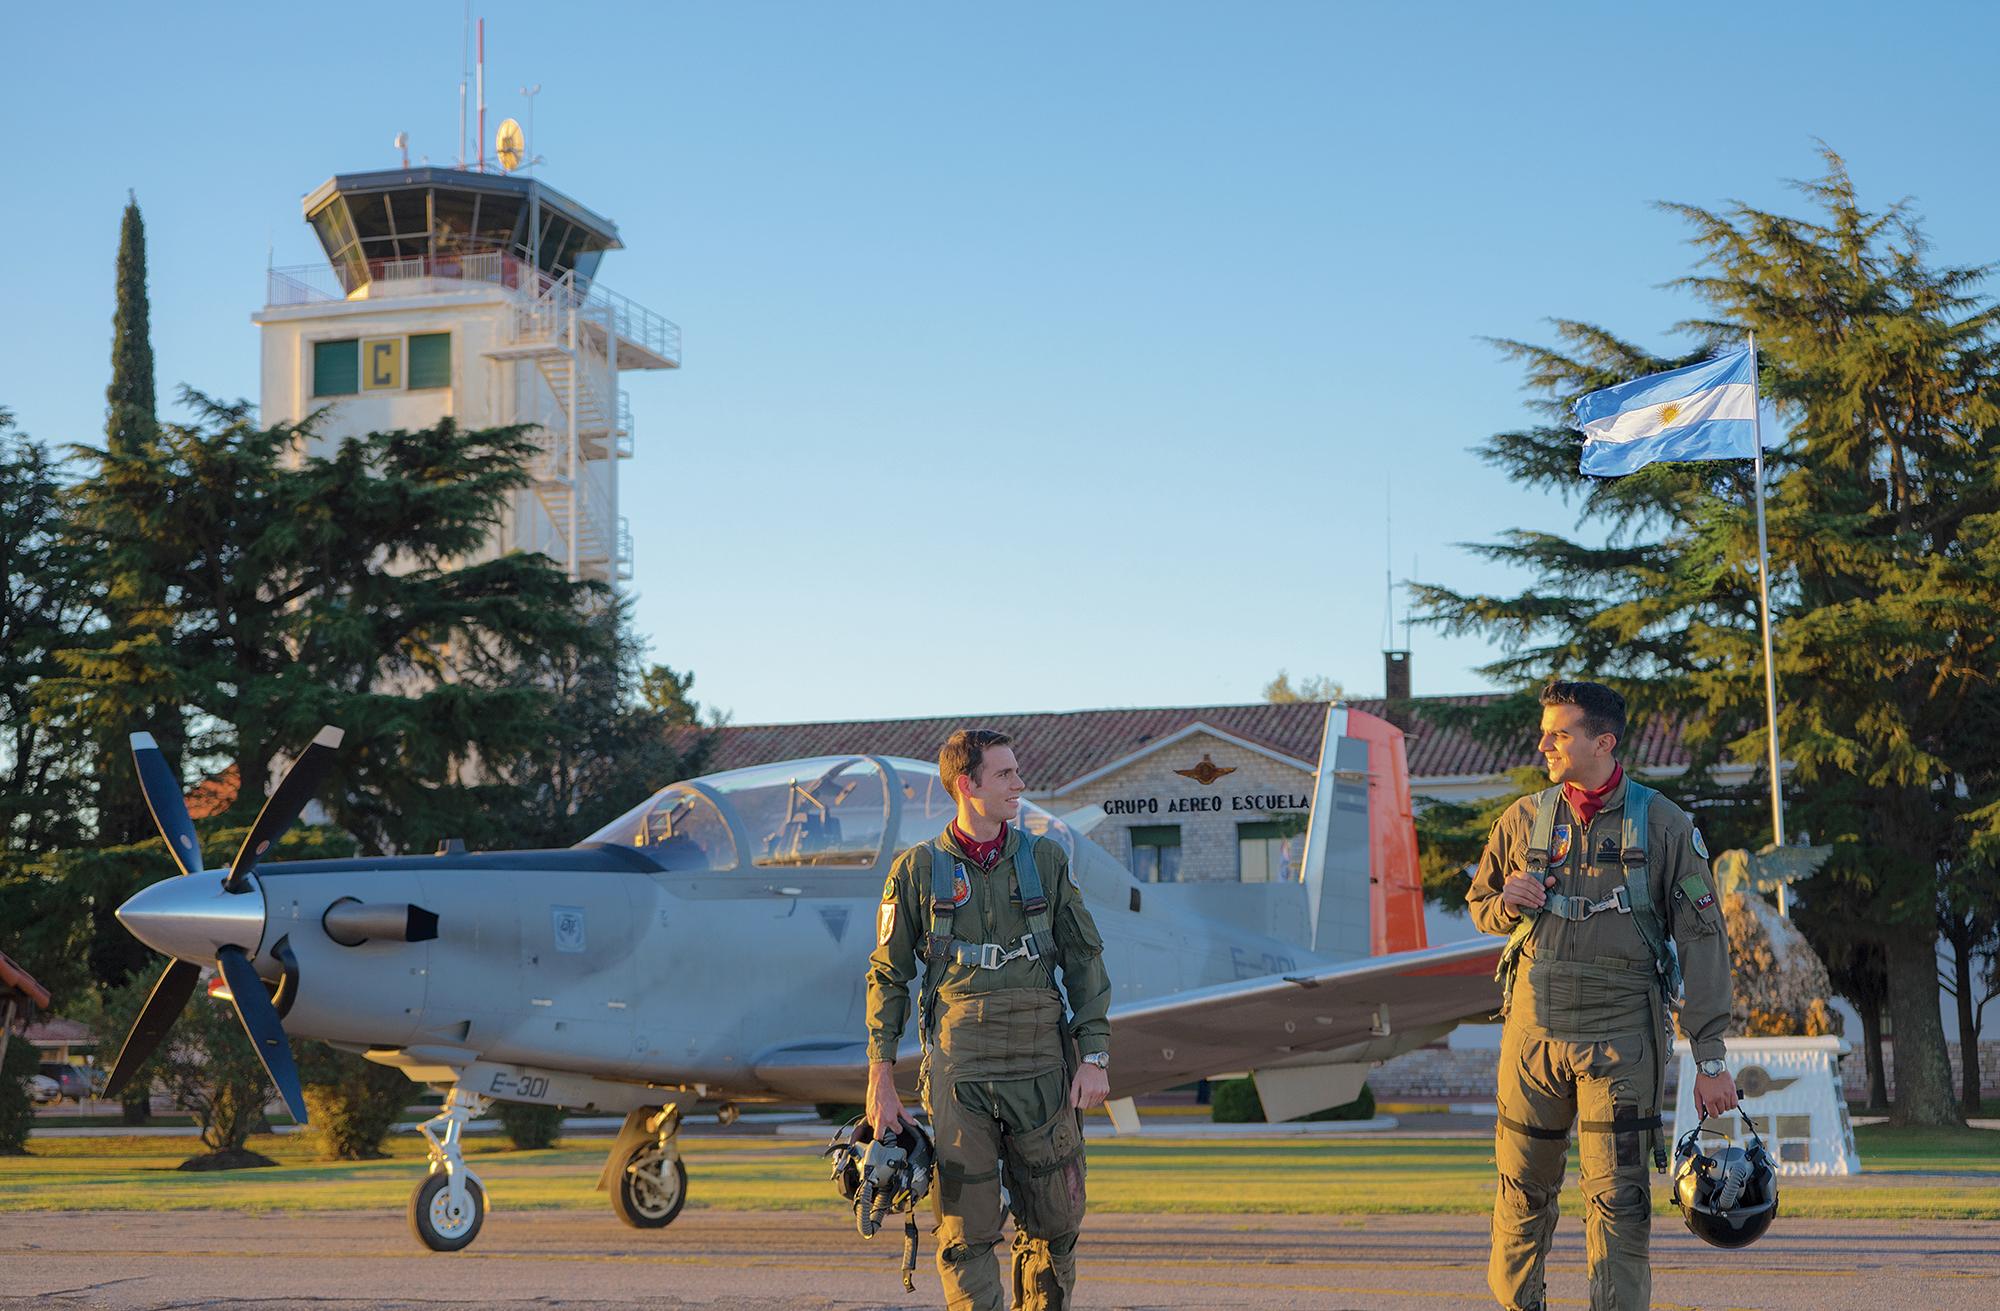 escuela de aviaciòn militar, grupo aéreo escuela